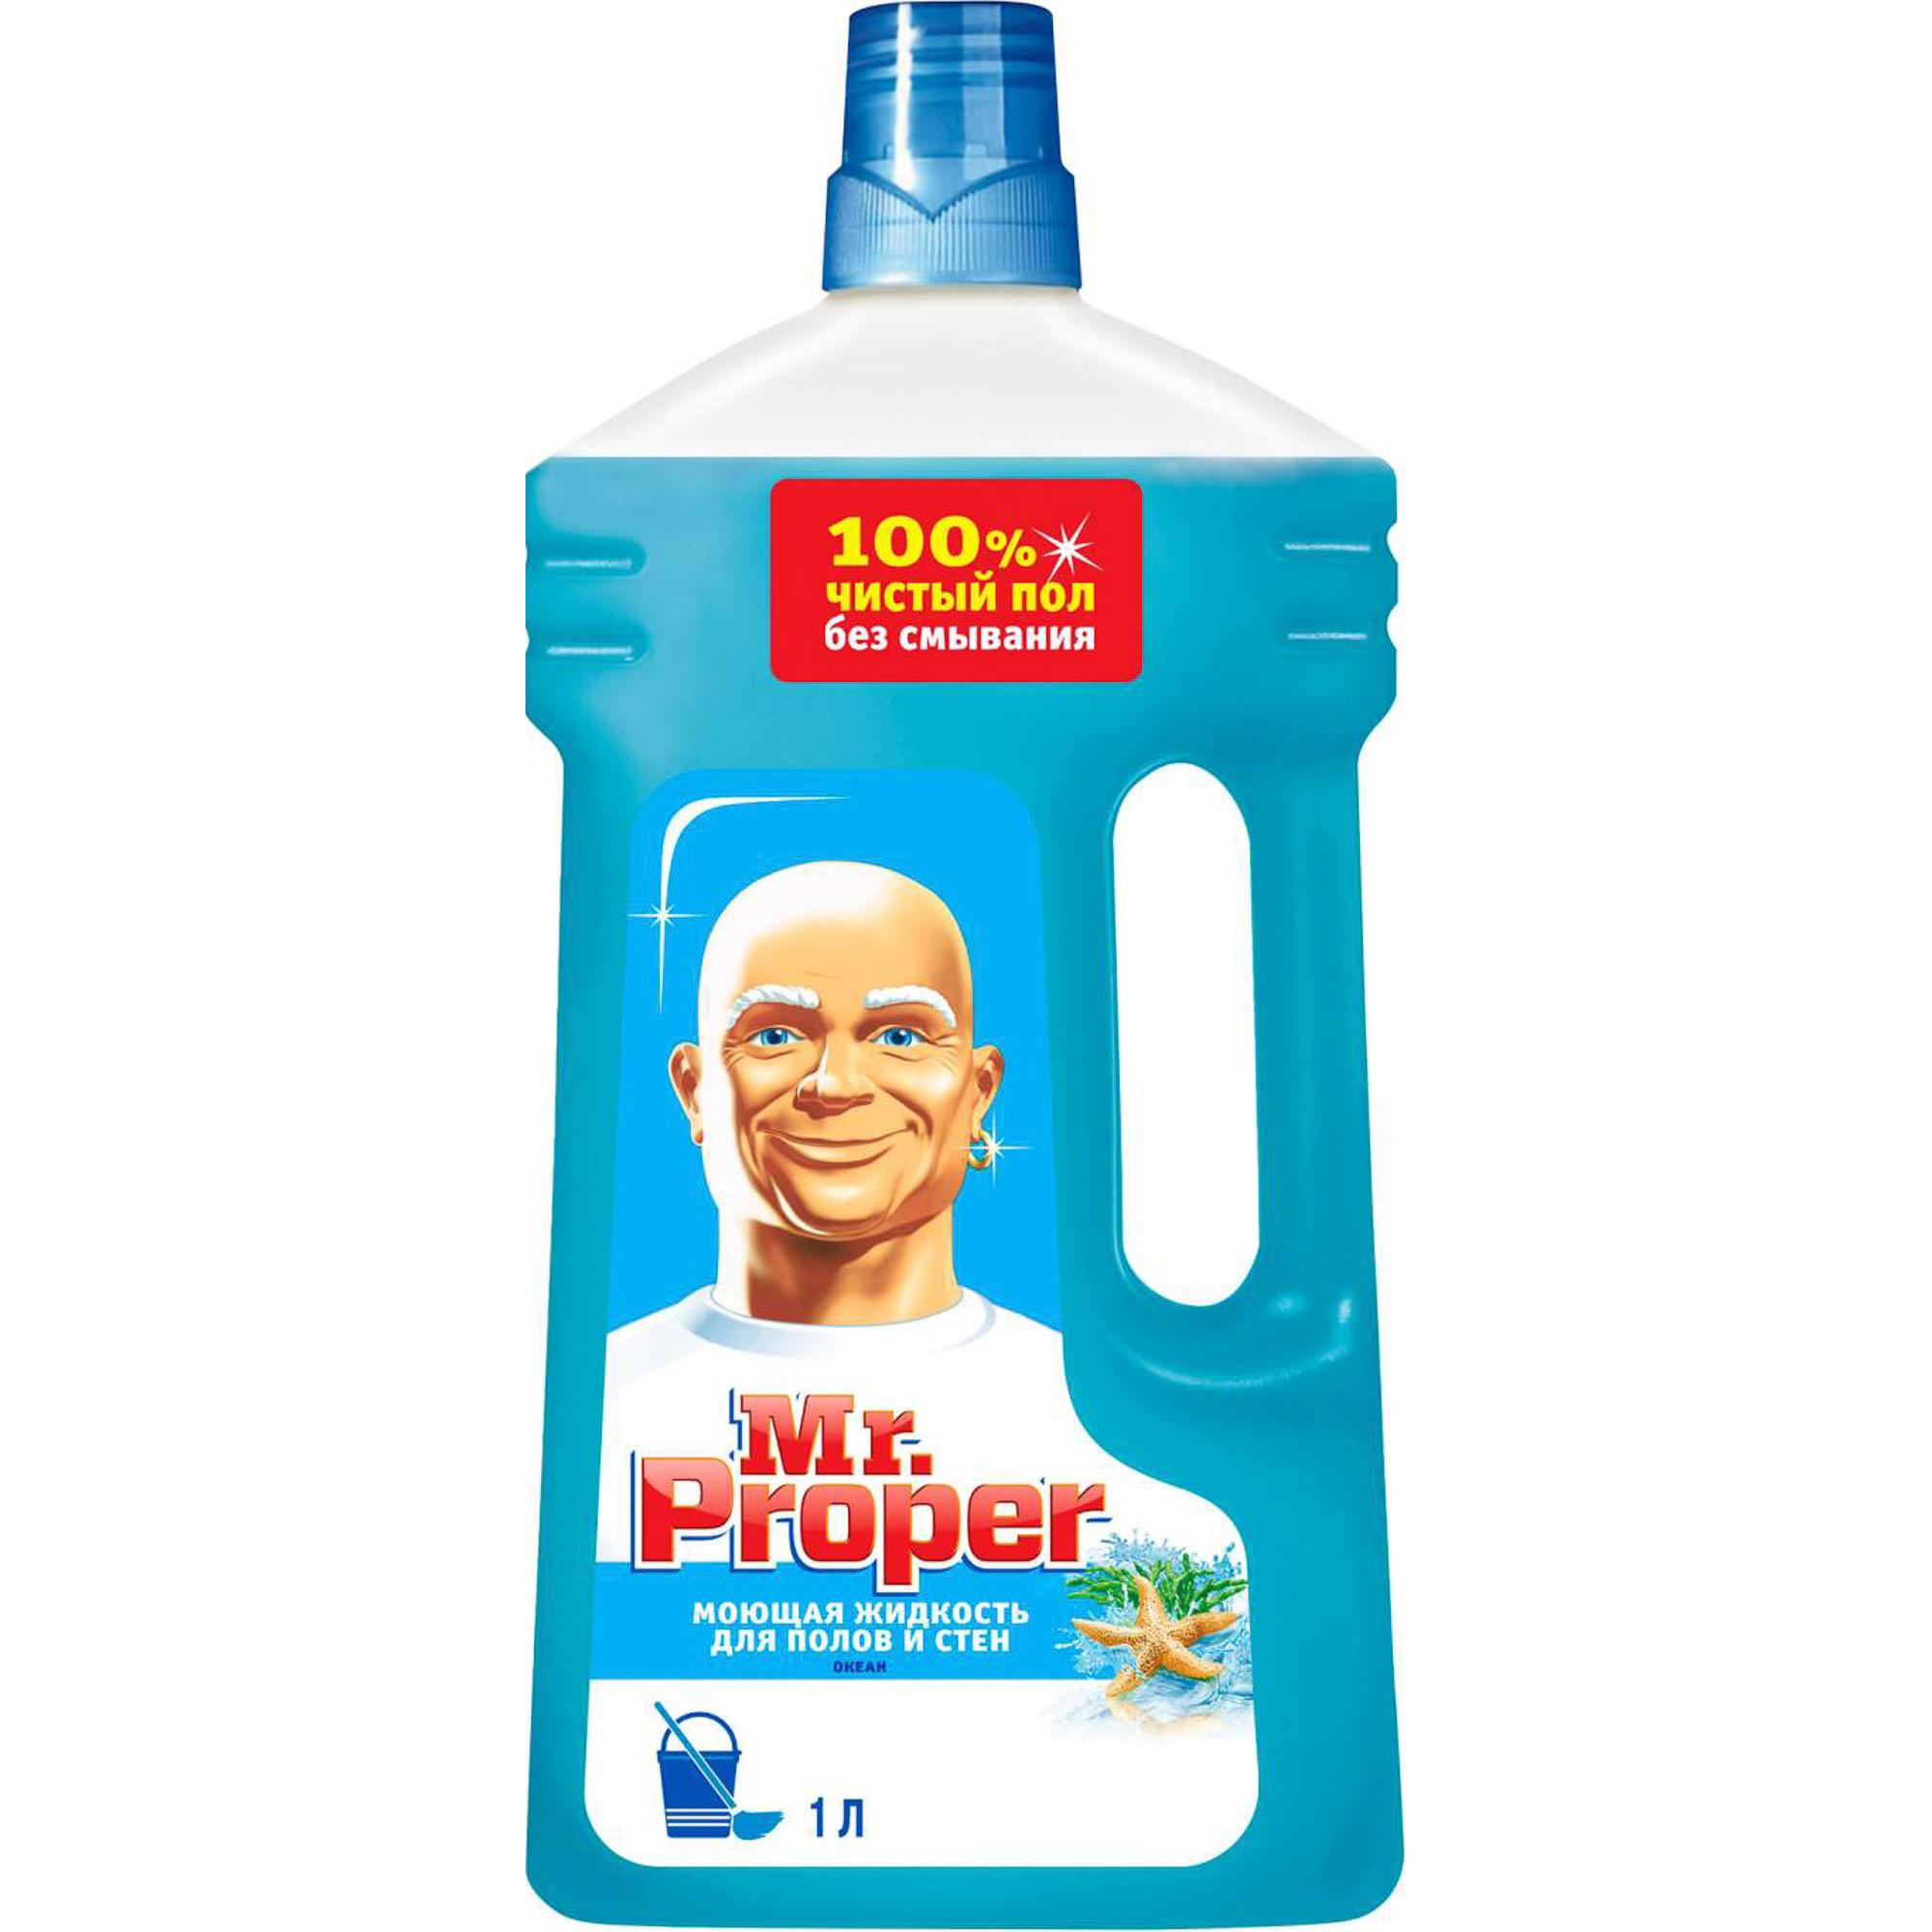 Купить Средство для мытья полов и стен Mr. Proper Океан 1 л, моющее средство, Россия